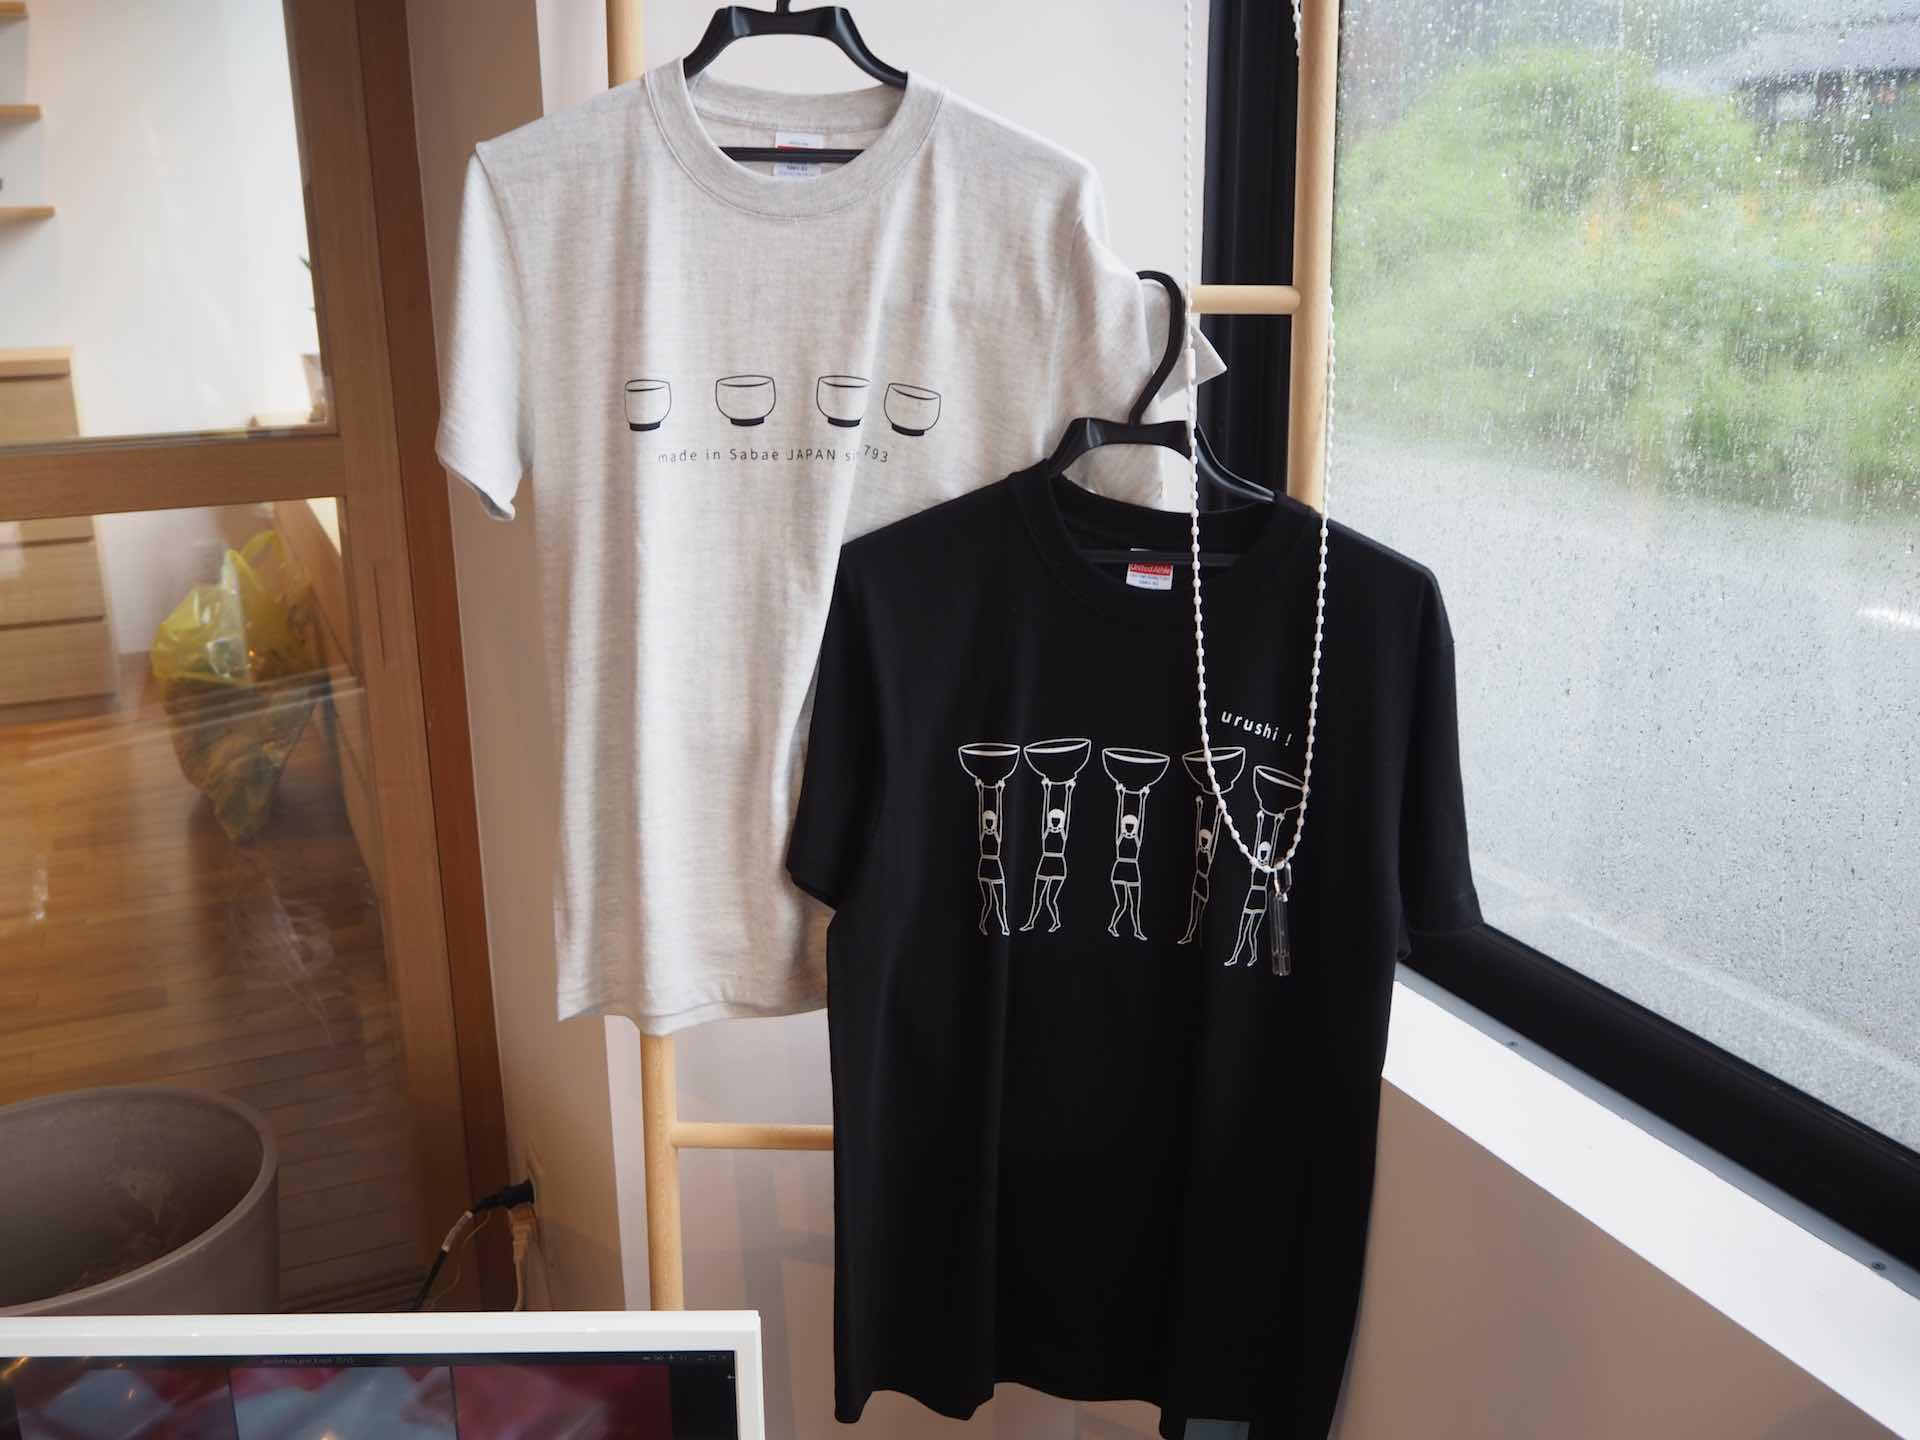 漆琳堂の職人も着用しているオリジナルTシャツも販売